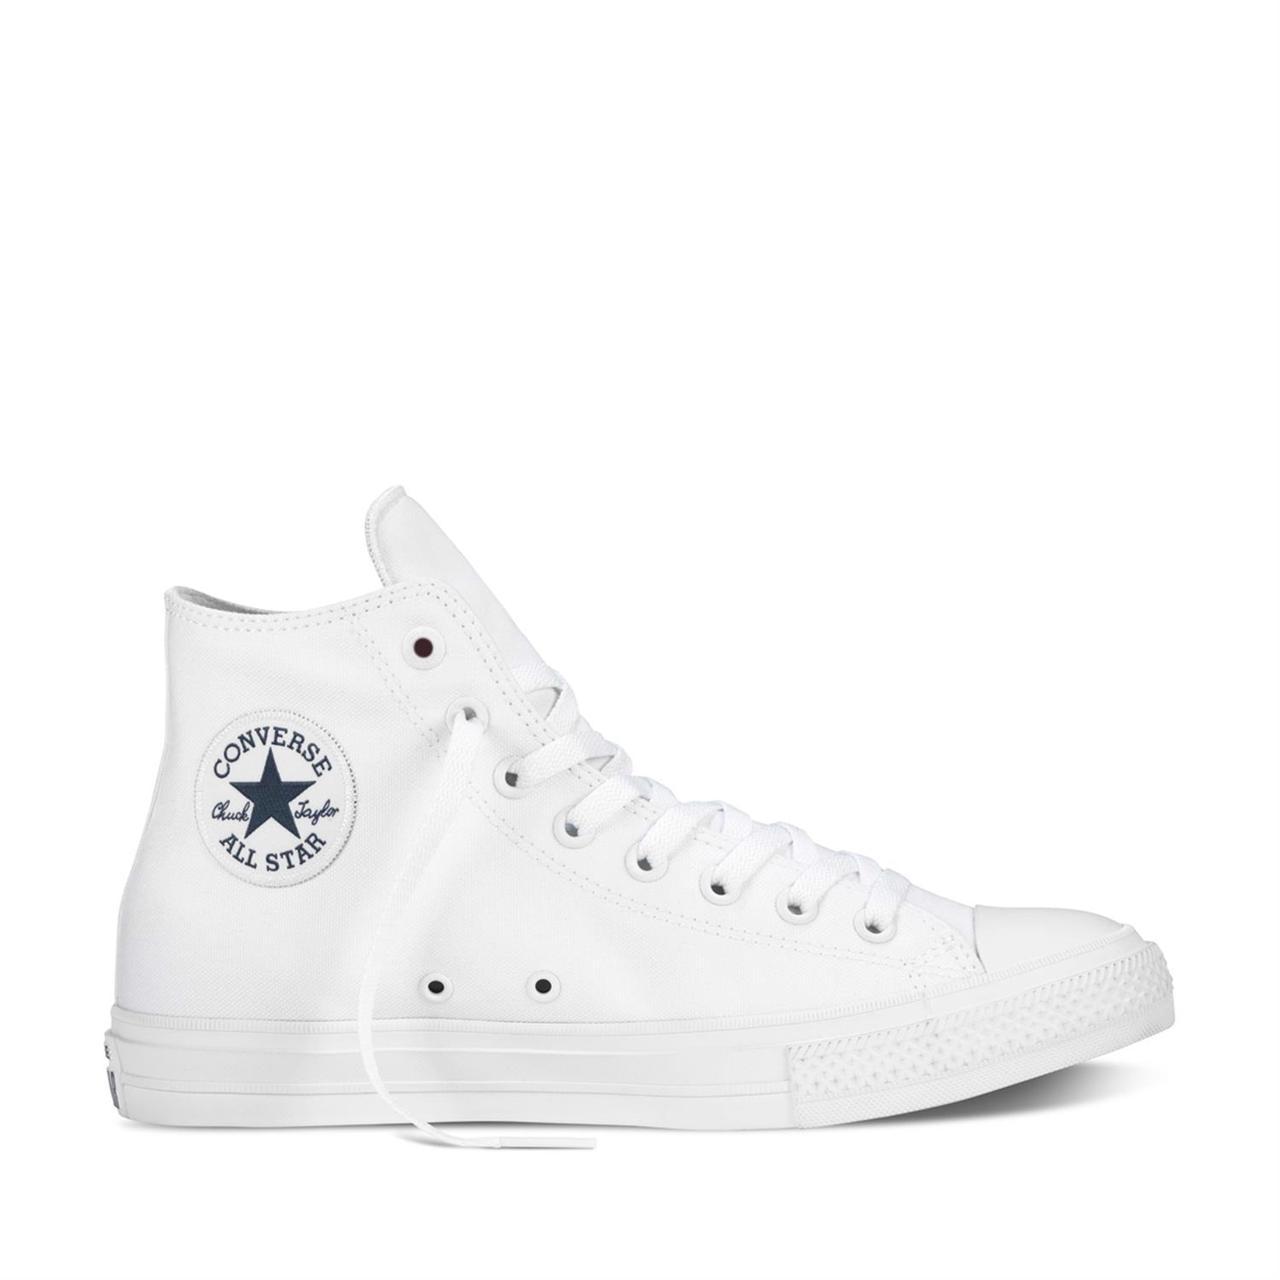 363b0ad4 Купить Женские белые высокие кеды Converse All Star 2 в интернет ...